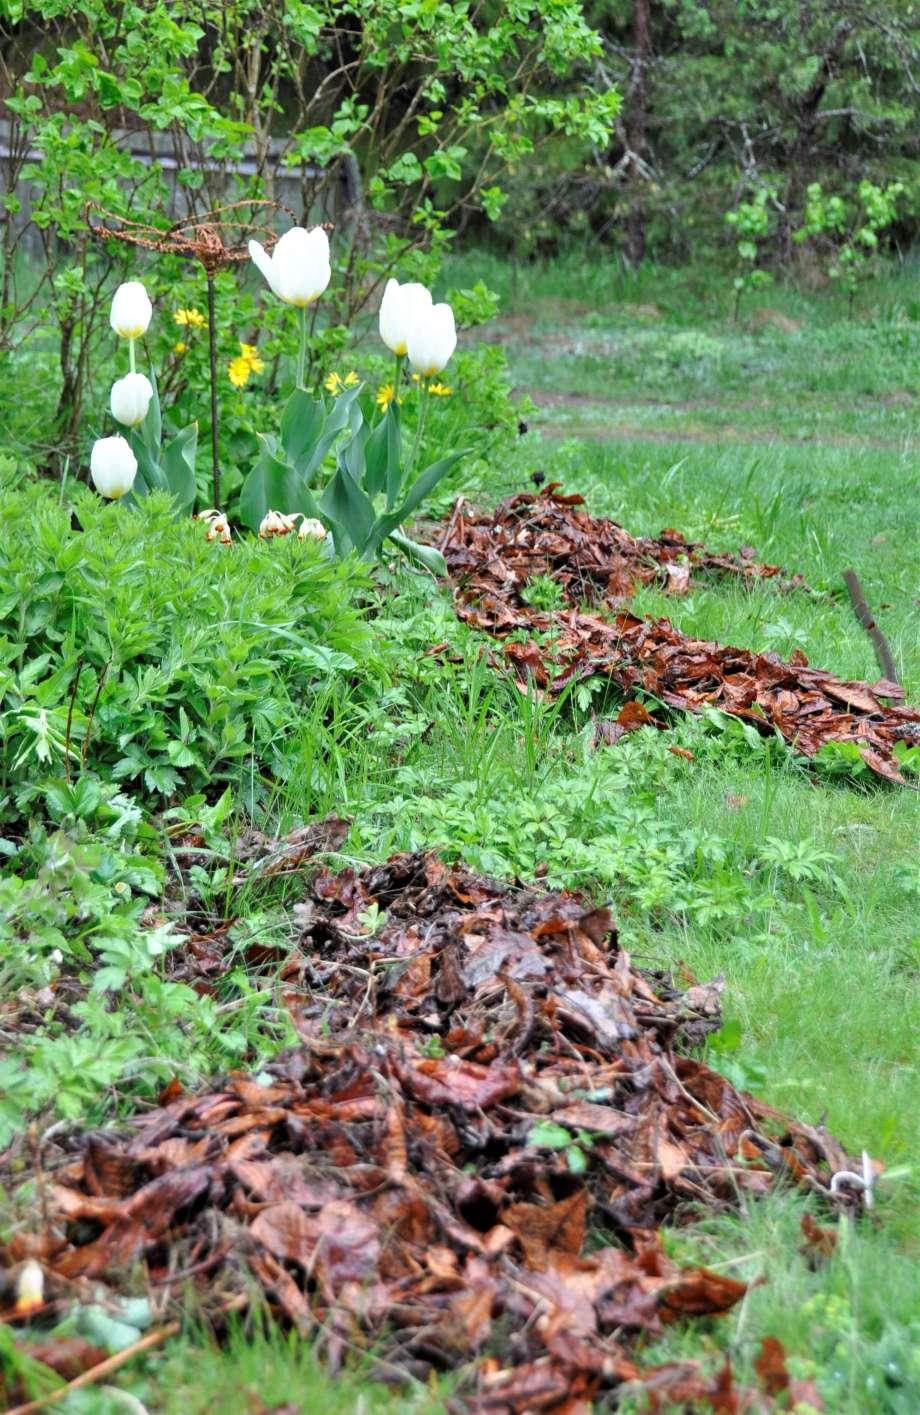 längs kanten på den vildvuxna rabatten ligger högar av bruna fjolårslöv